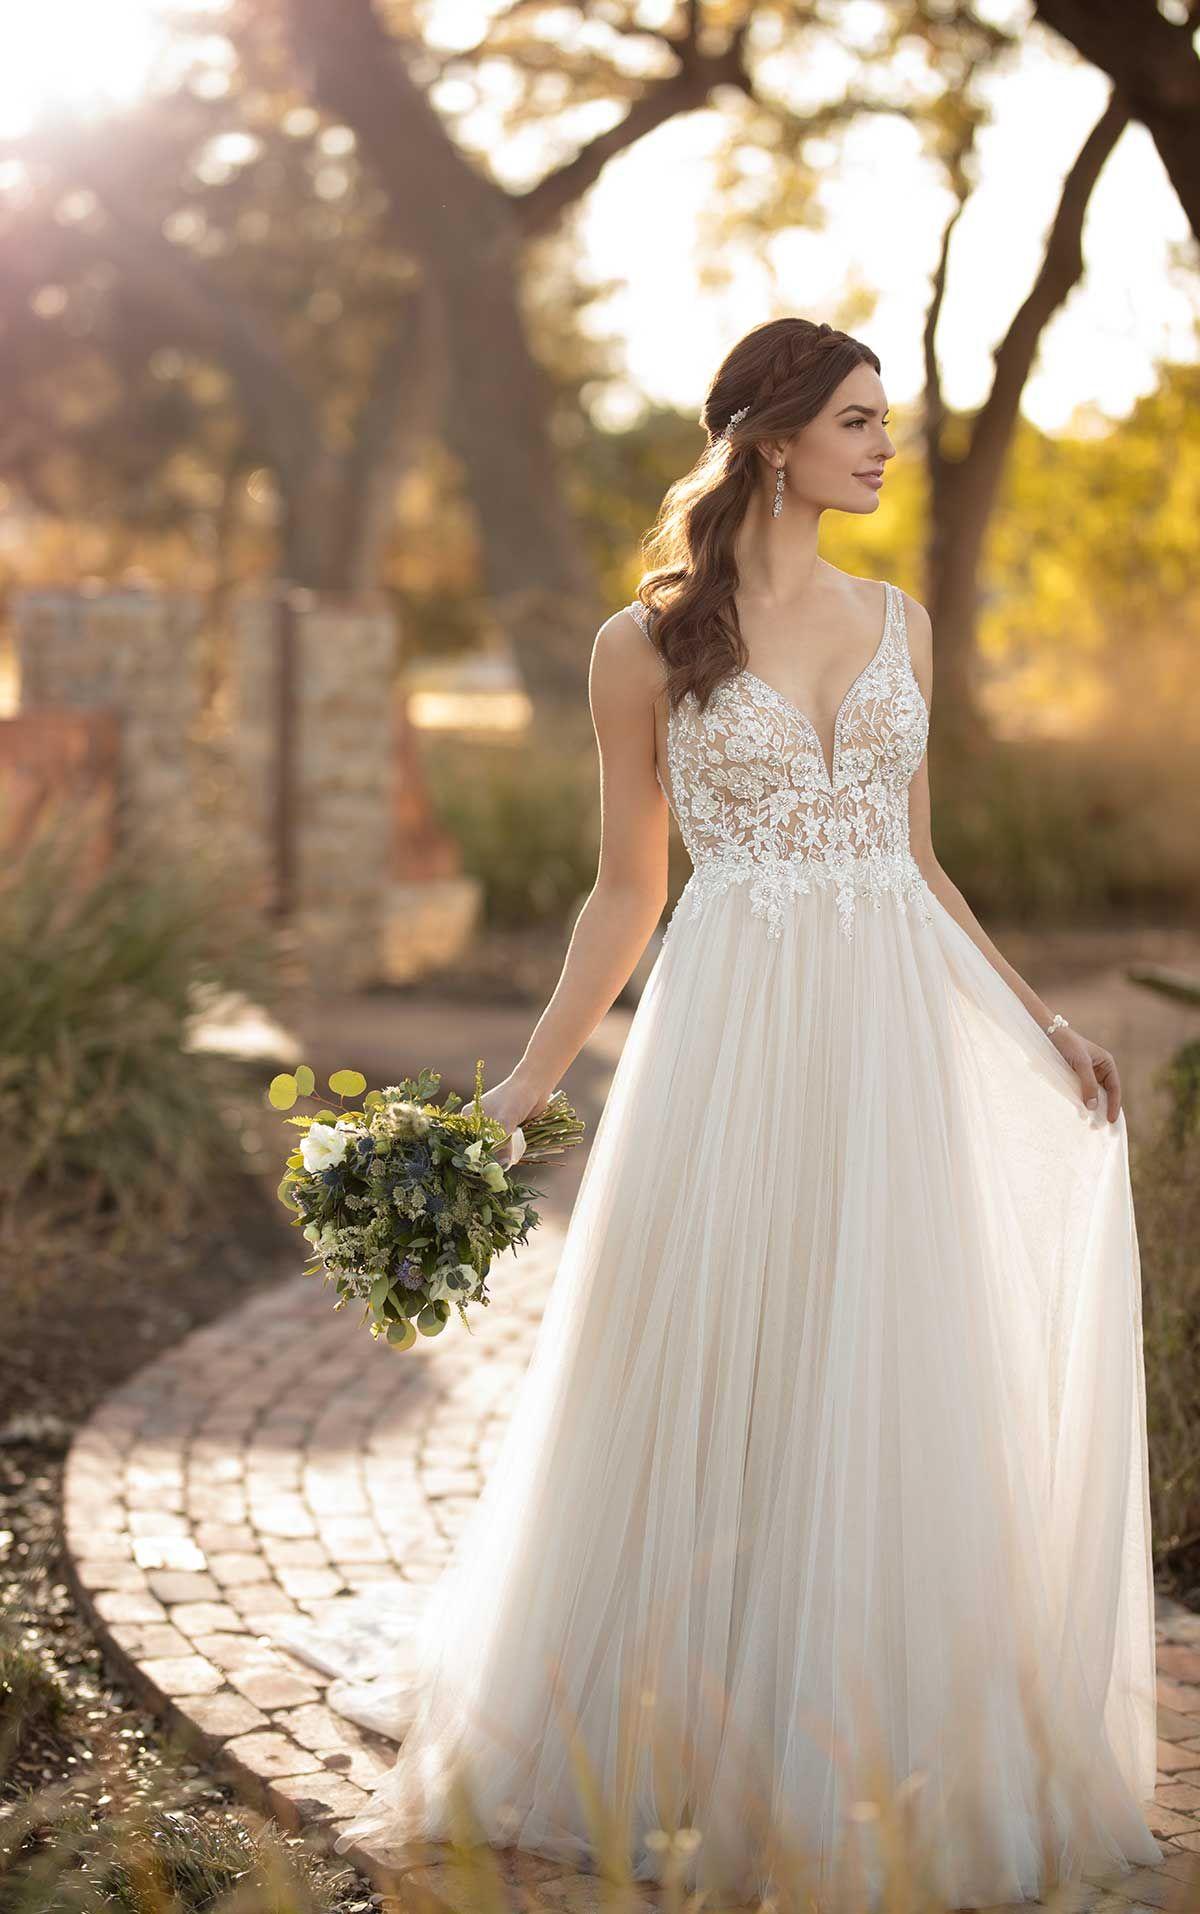 Sheer Beaded Beach Wedding Dress Essense Of Australia Wedding Dresses Essense Of Australia Braut Strandhochzeitskleid